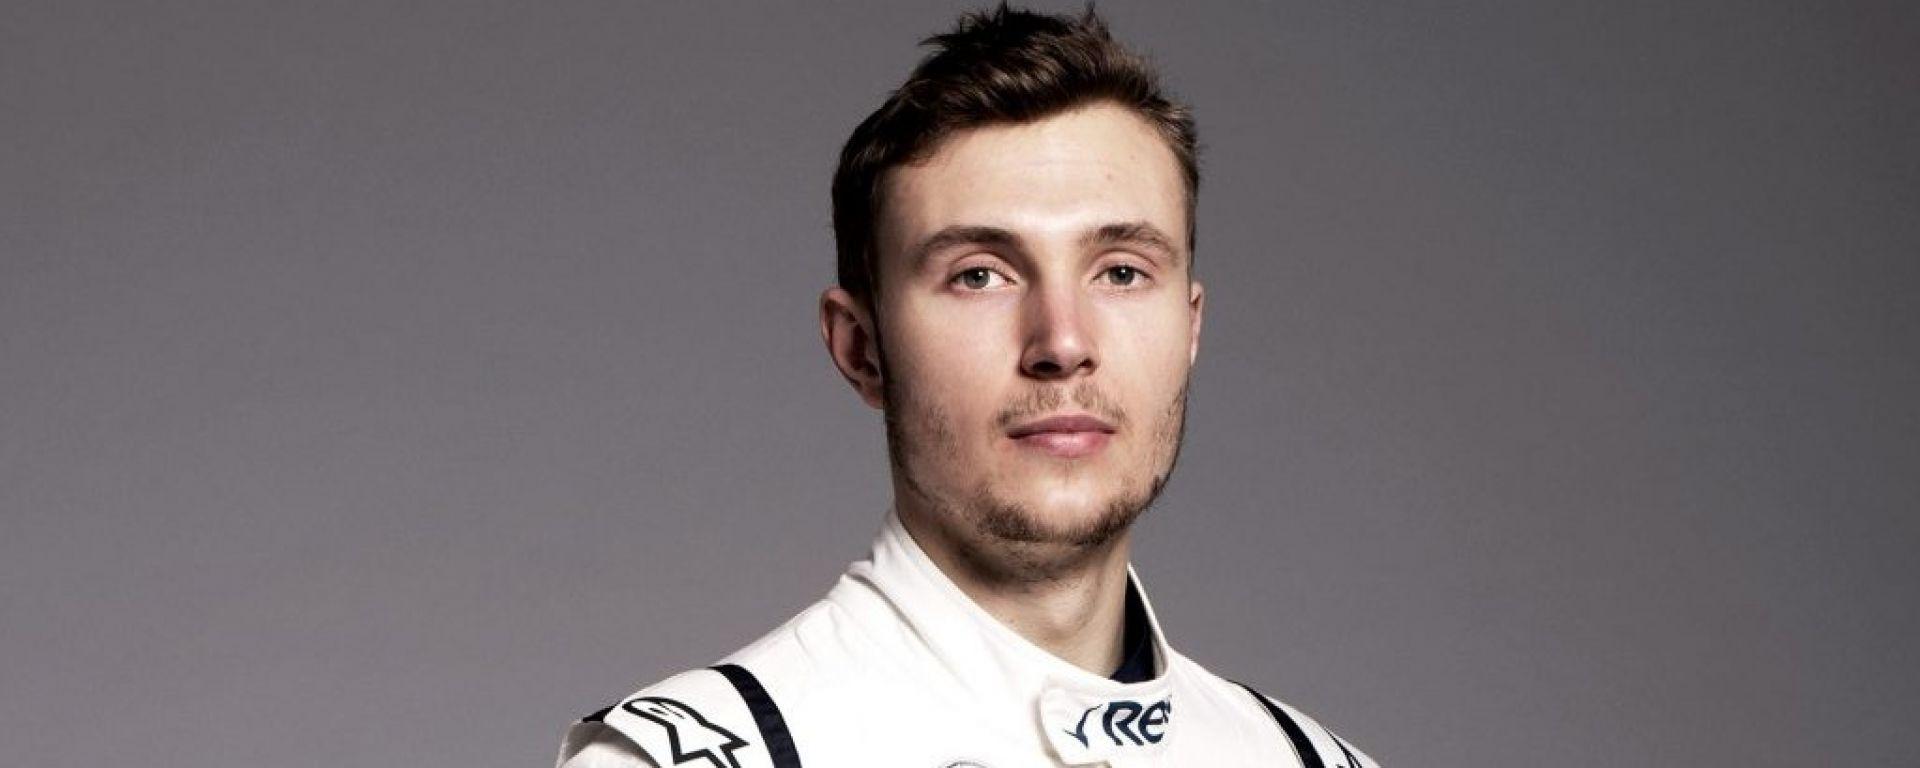 Sergey Sirotkin #35